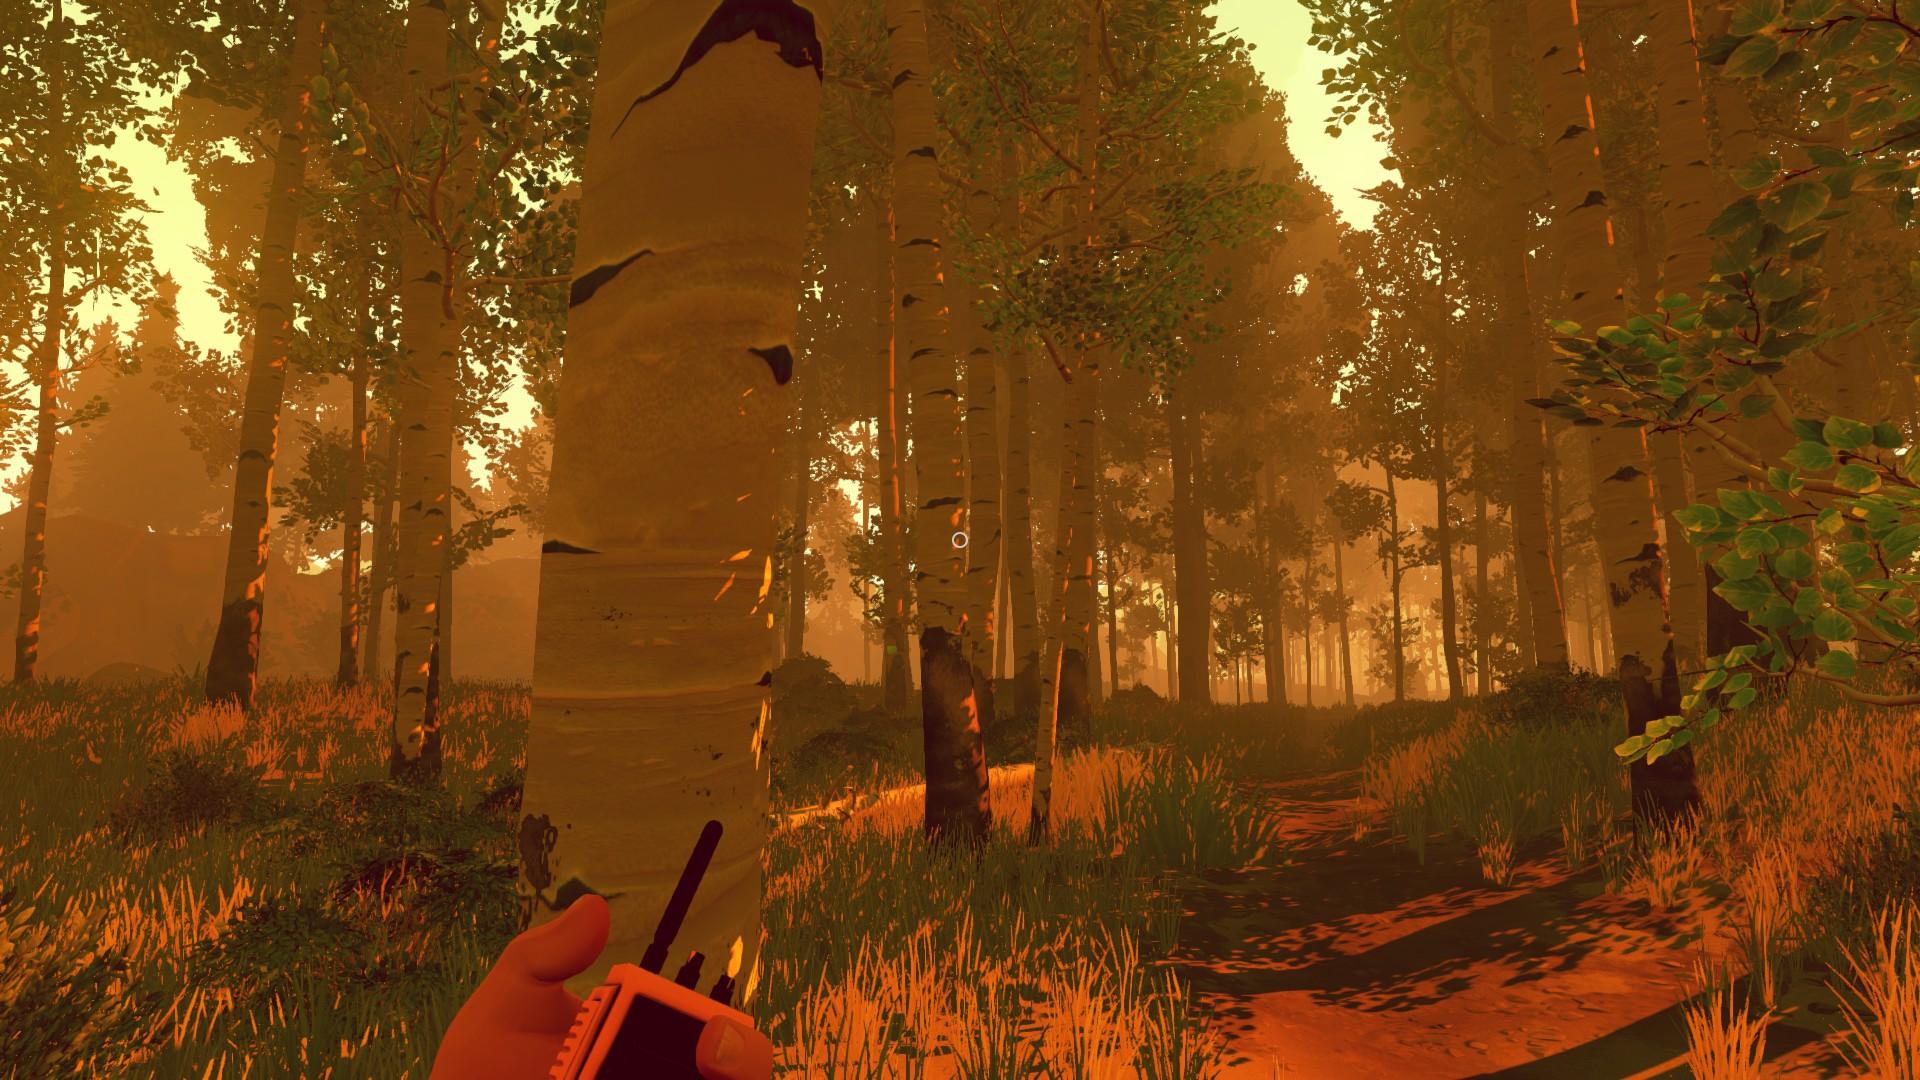 В центре игры находится генри, наблюдатель одной из пожарных башен, который сталкивается с последствиями йеллоустонского пожара года.